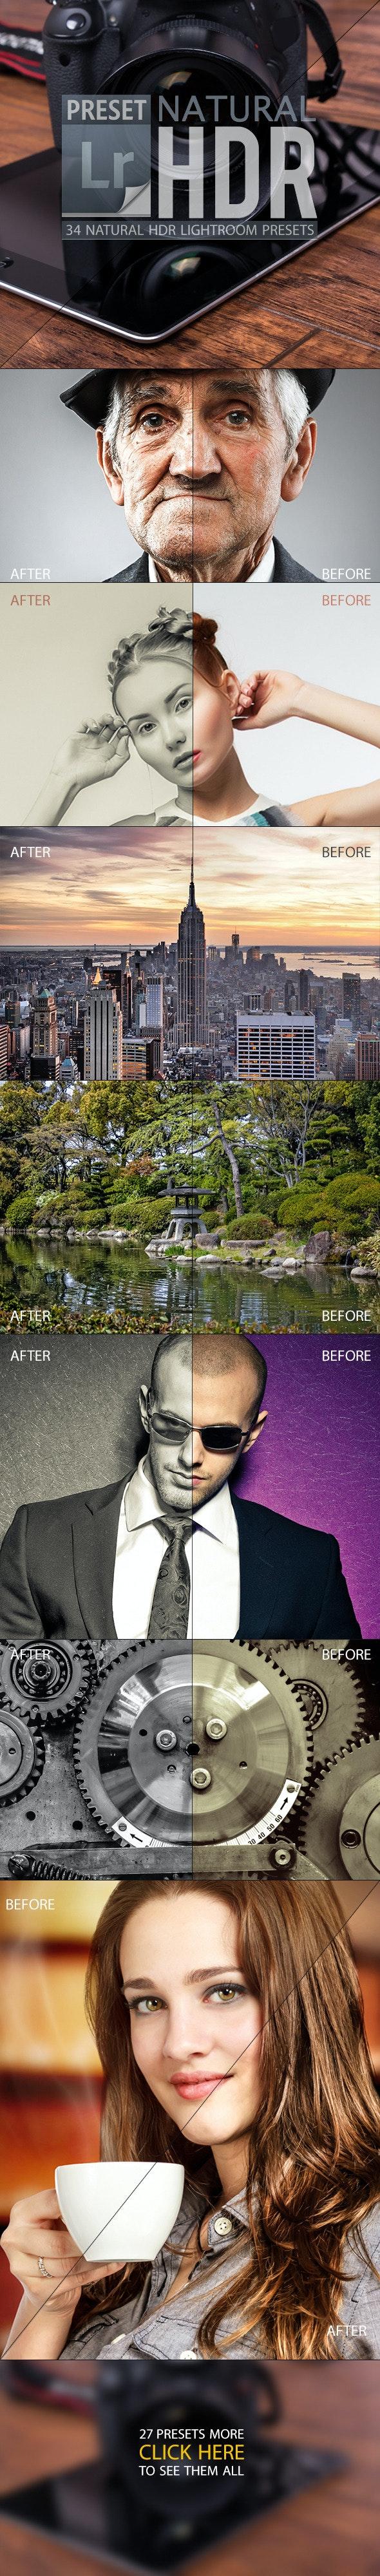 Natural HDR Lightroom Presets - HDR Lightroom Presets